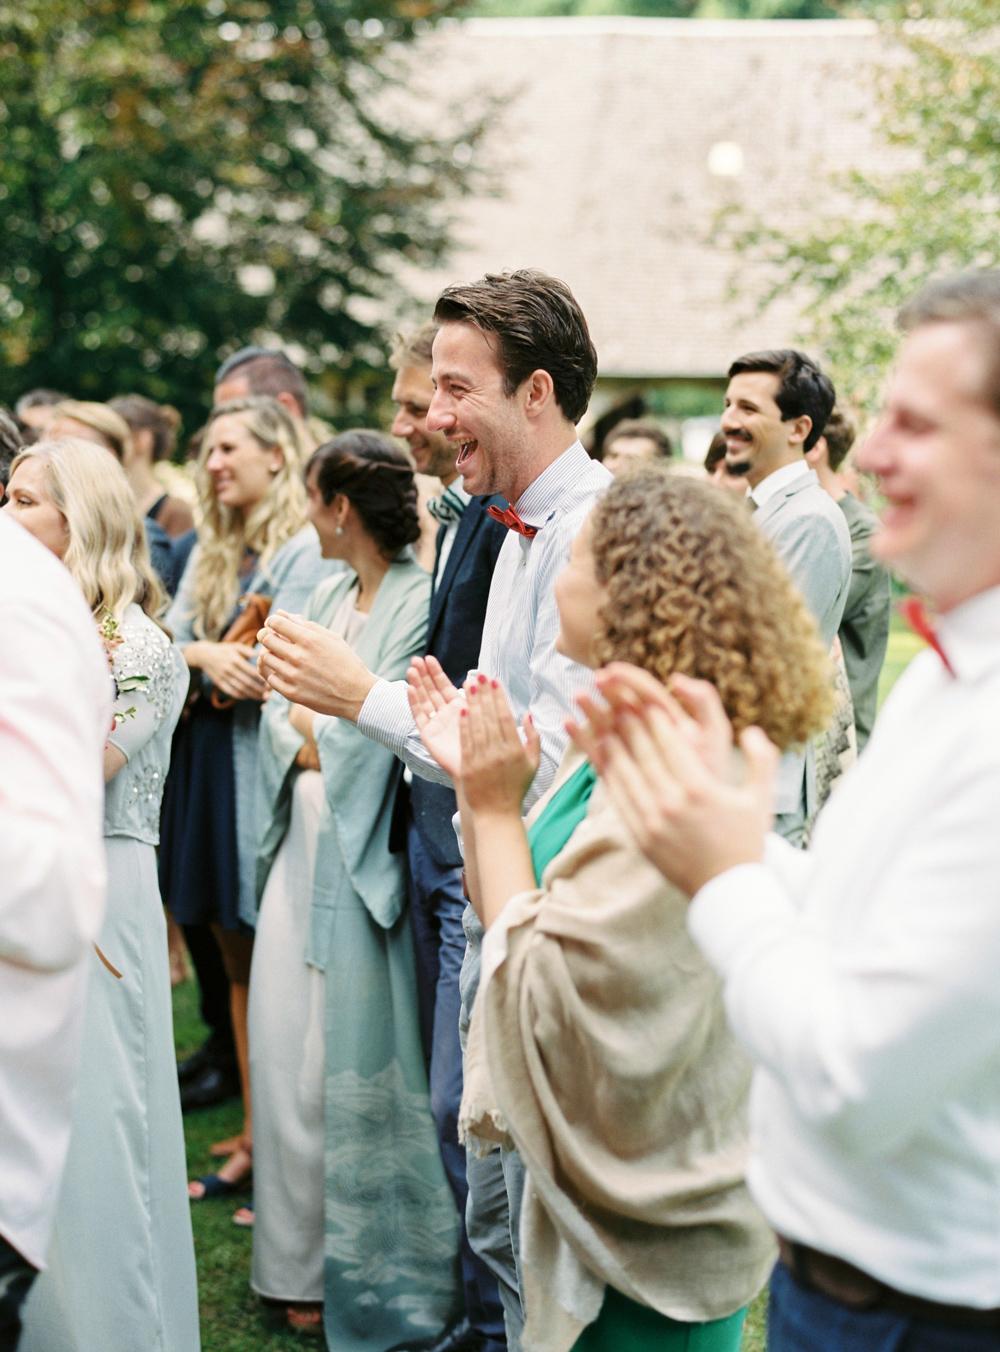 camp sol wedding weekend - wesley nulens-109.jpg